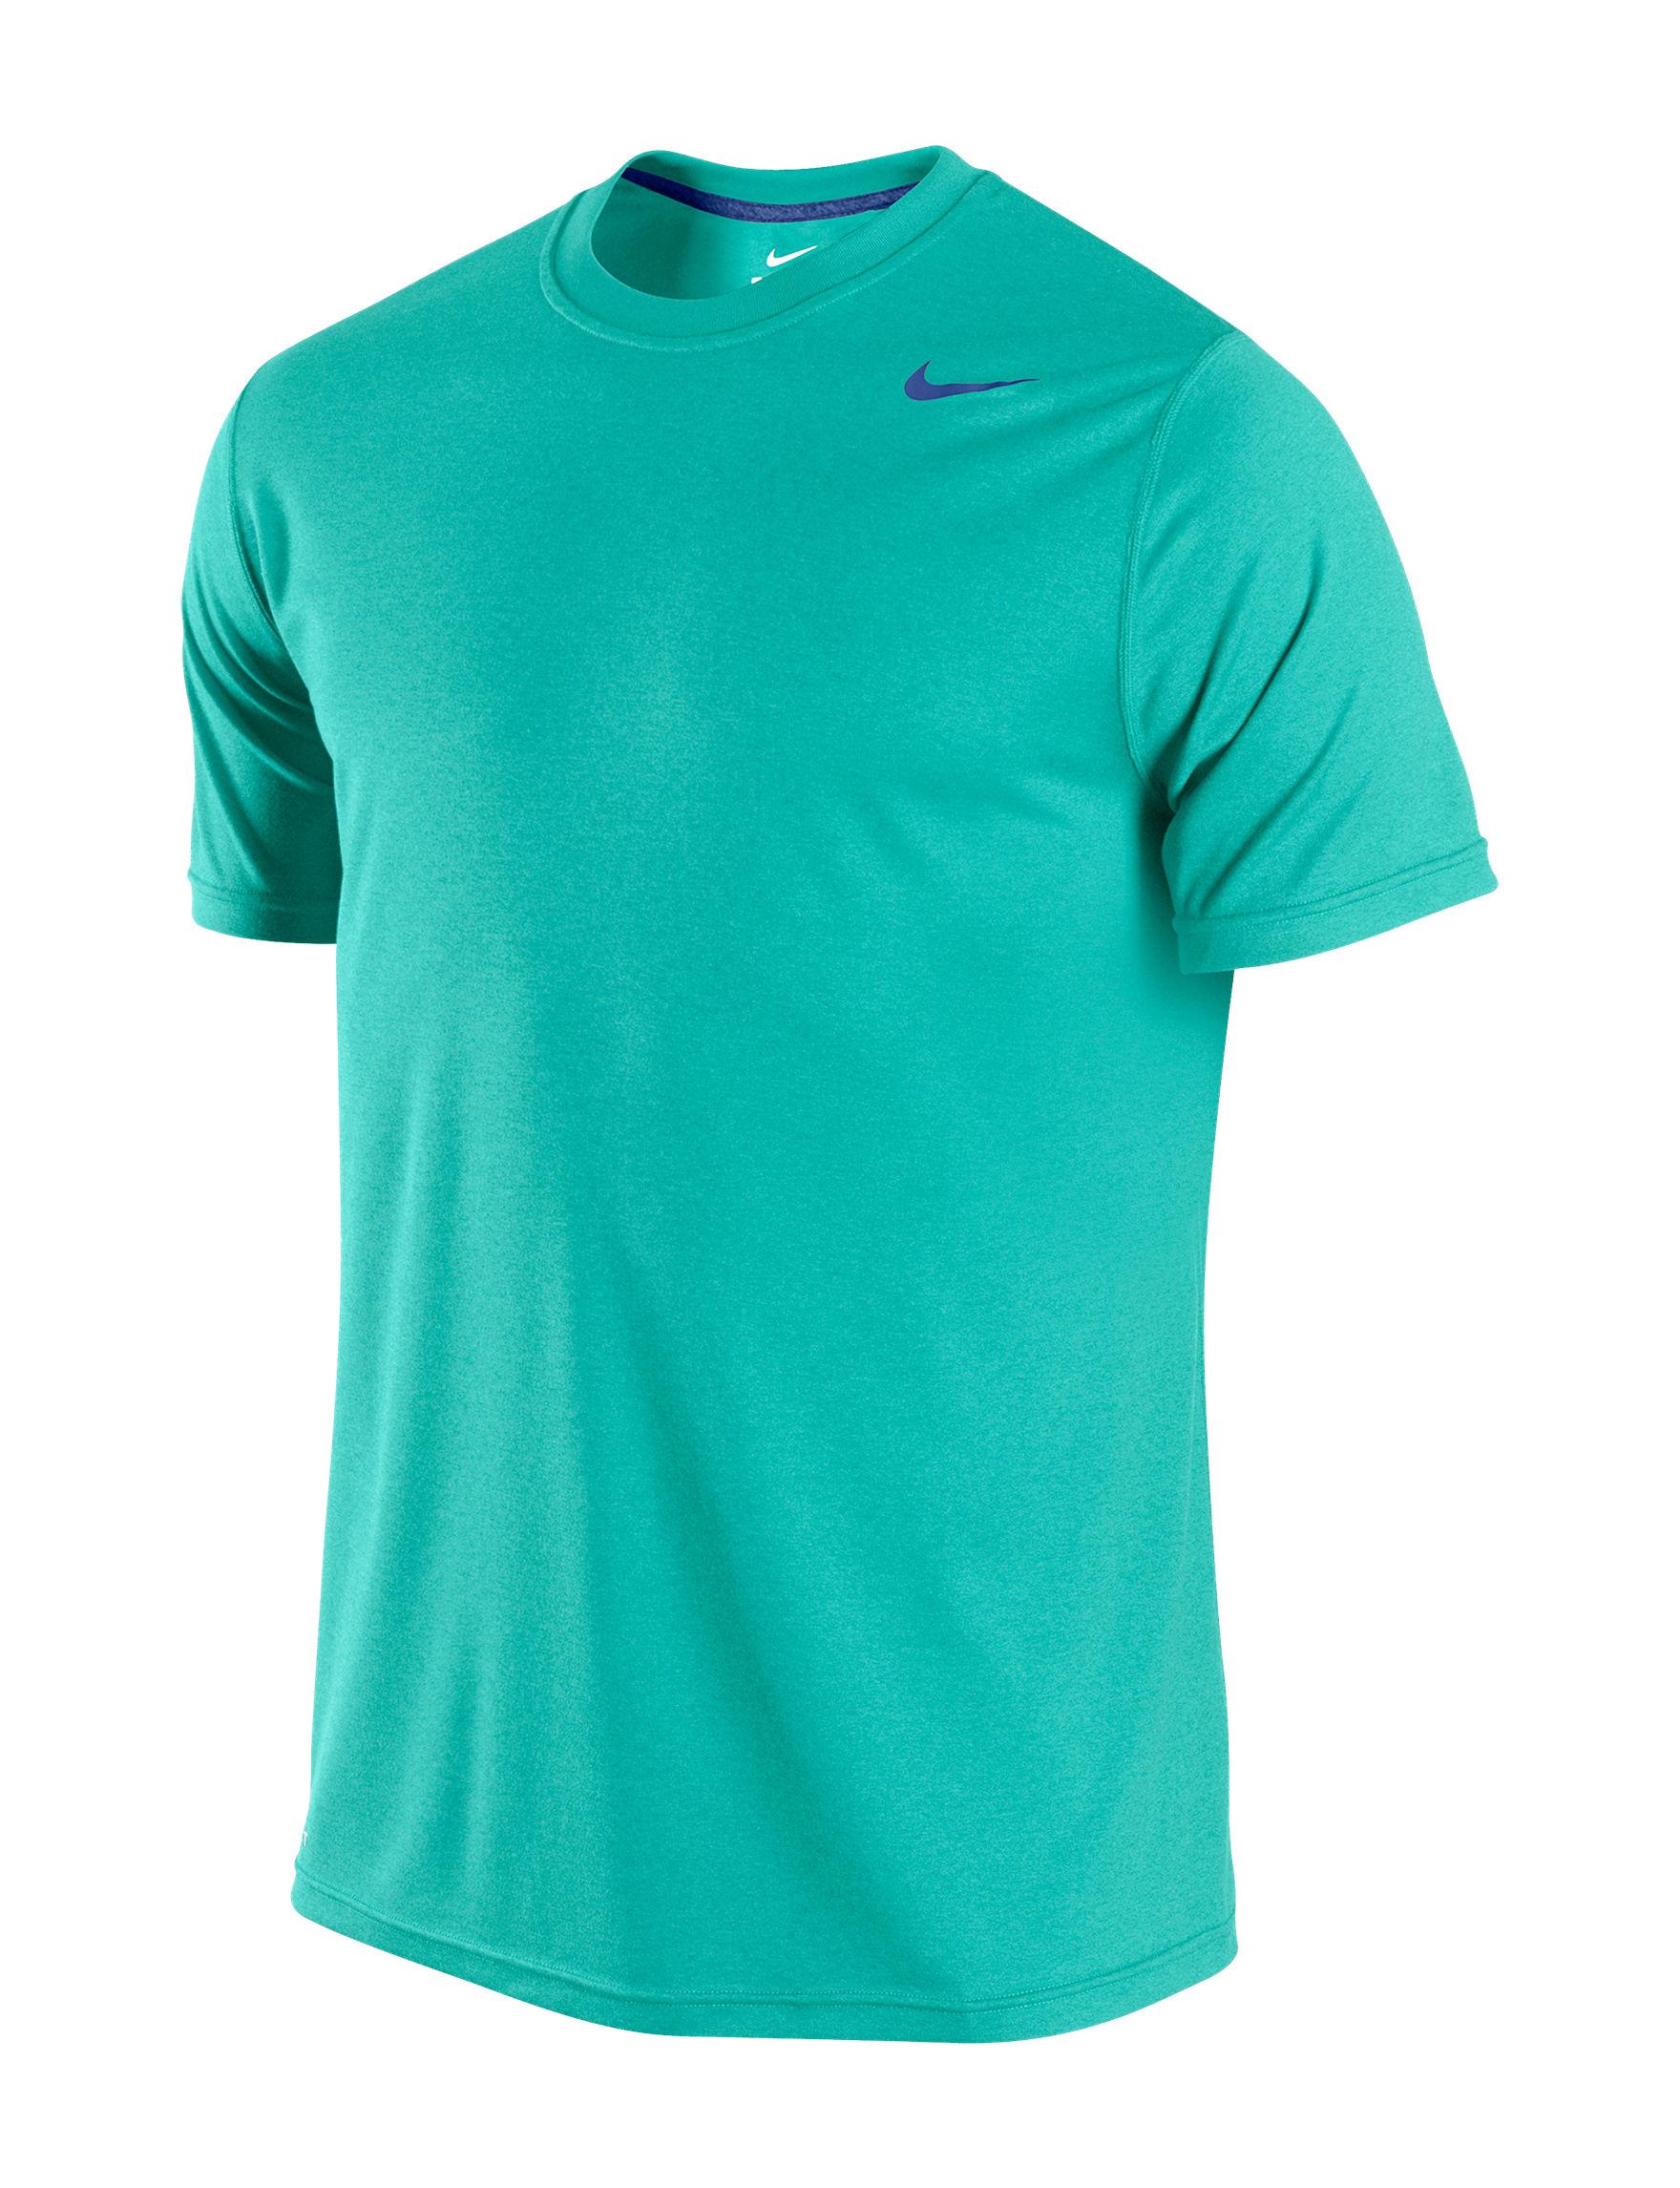 Nike Aqua Tees & Tanks